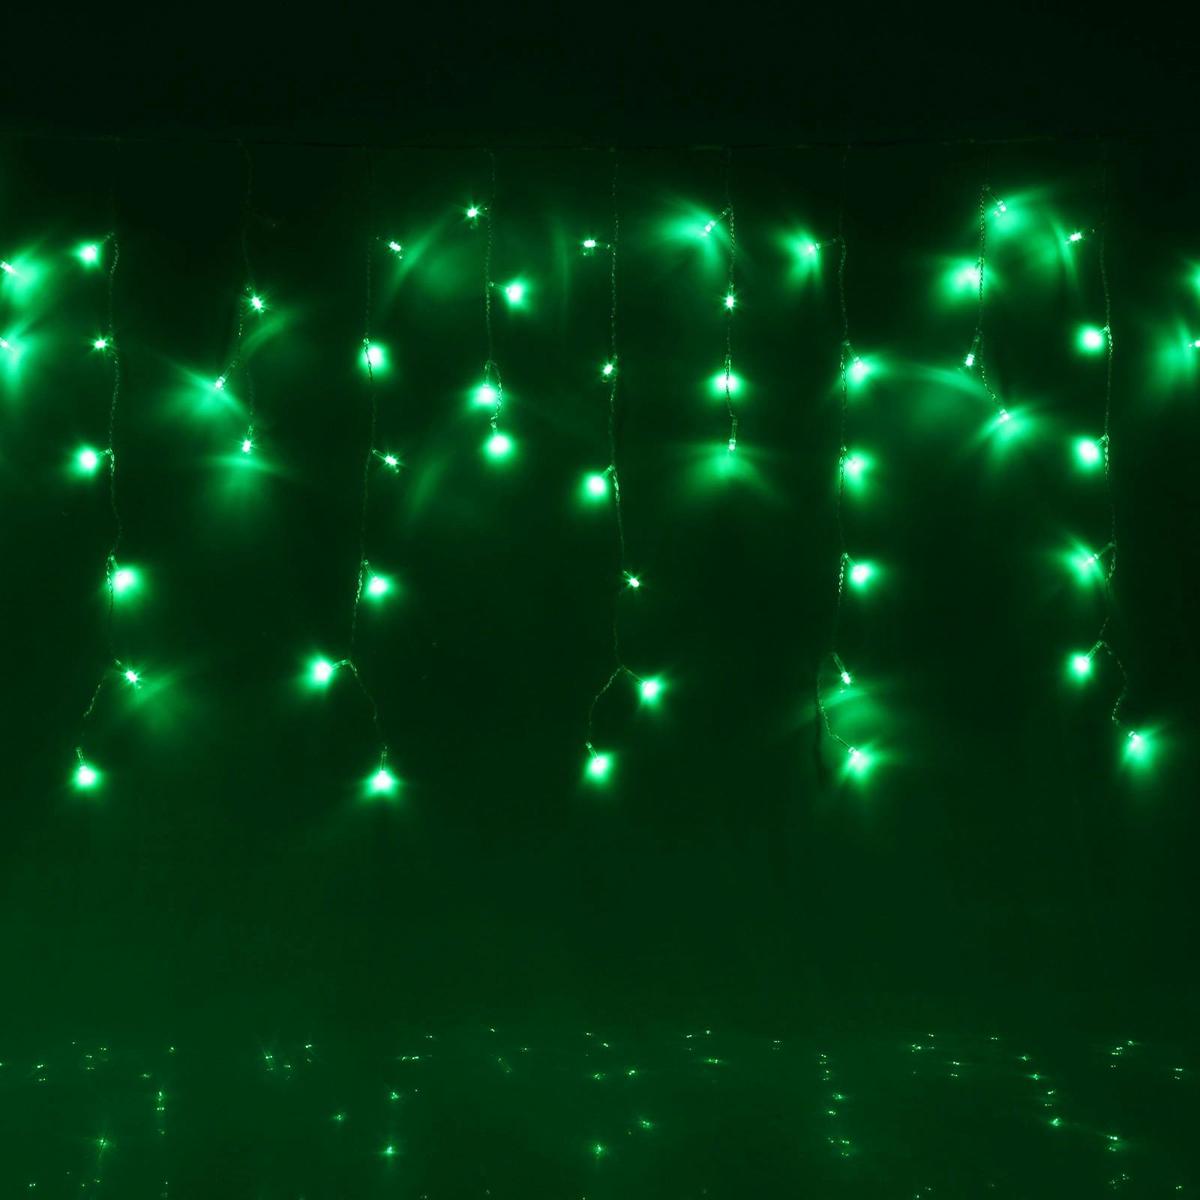 Гирлянда светодиодная Luazon Бахрома, уличная, 160 ламп, 220 V, цвет: зеленый, 3 х 0,6 м. 187279187279Светодиодные гирлянды, ленты и т.д — это отличный вариант для новогоднего оформления интерьера или фасада. С их помощью помещение любого размера можно превратить в праздничный зал, а внешние элементы зданий, украшенные ими, мгновенно станут напоминать очертания сказочного дворца. Такие украшения создают ауру предвкушения чуда. Деревья, фасады, витрины, окна и арки будто специально созданы, чтобы вы украсили их светящимися нитями.